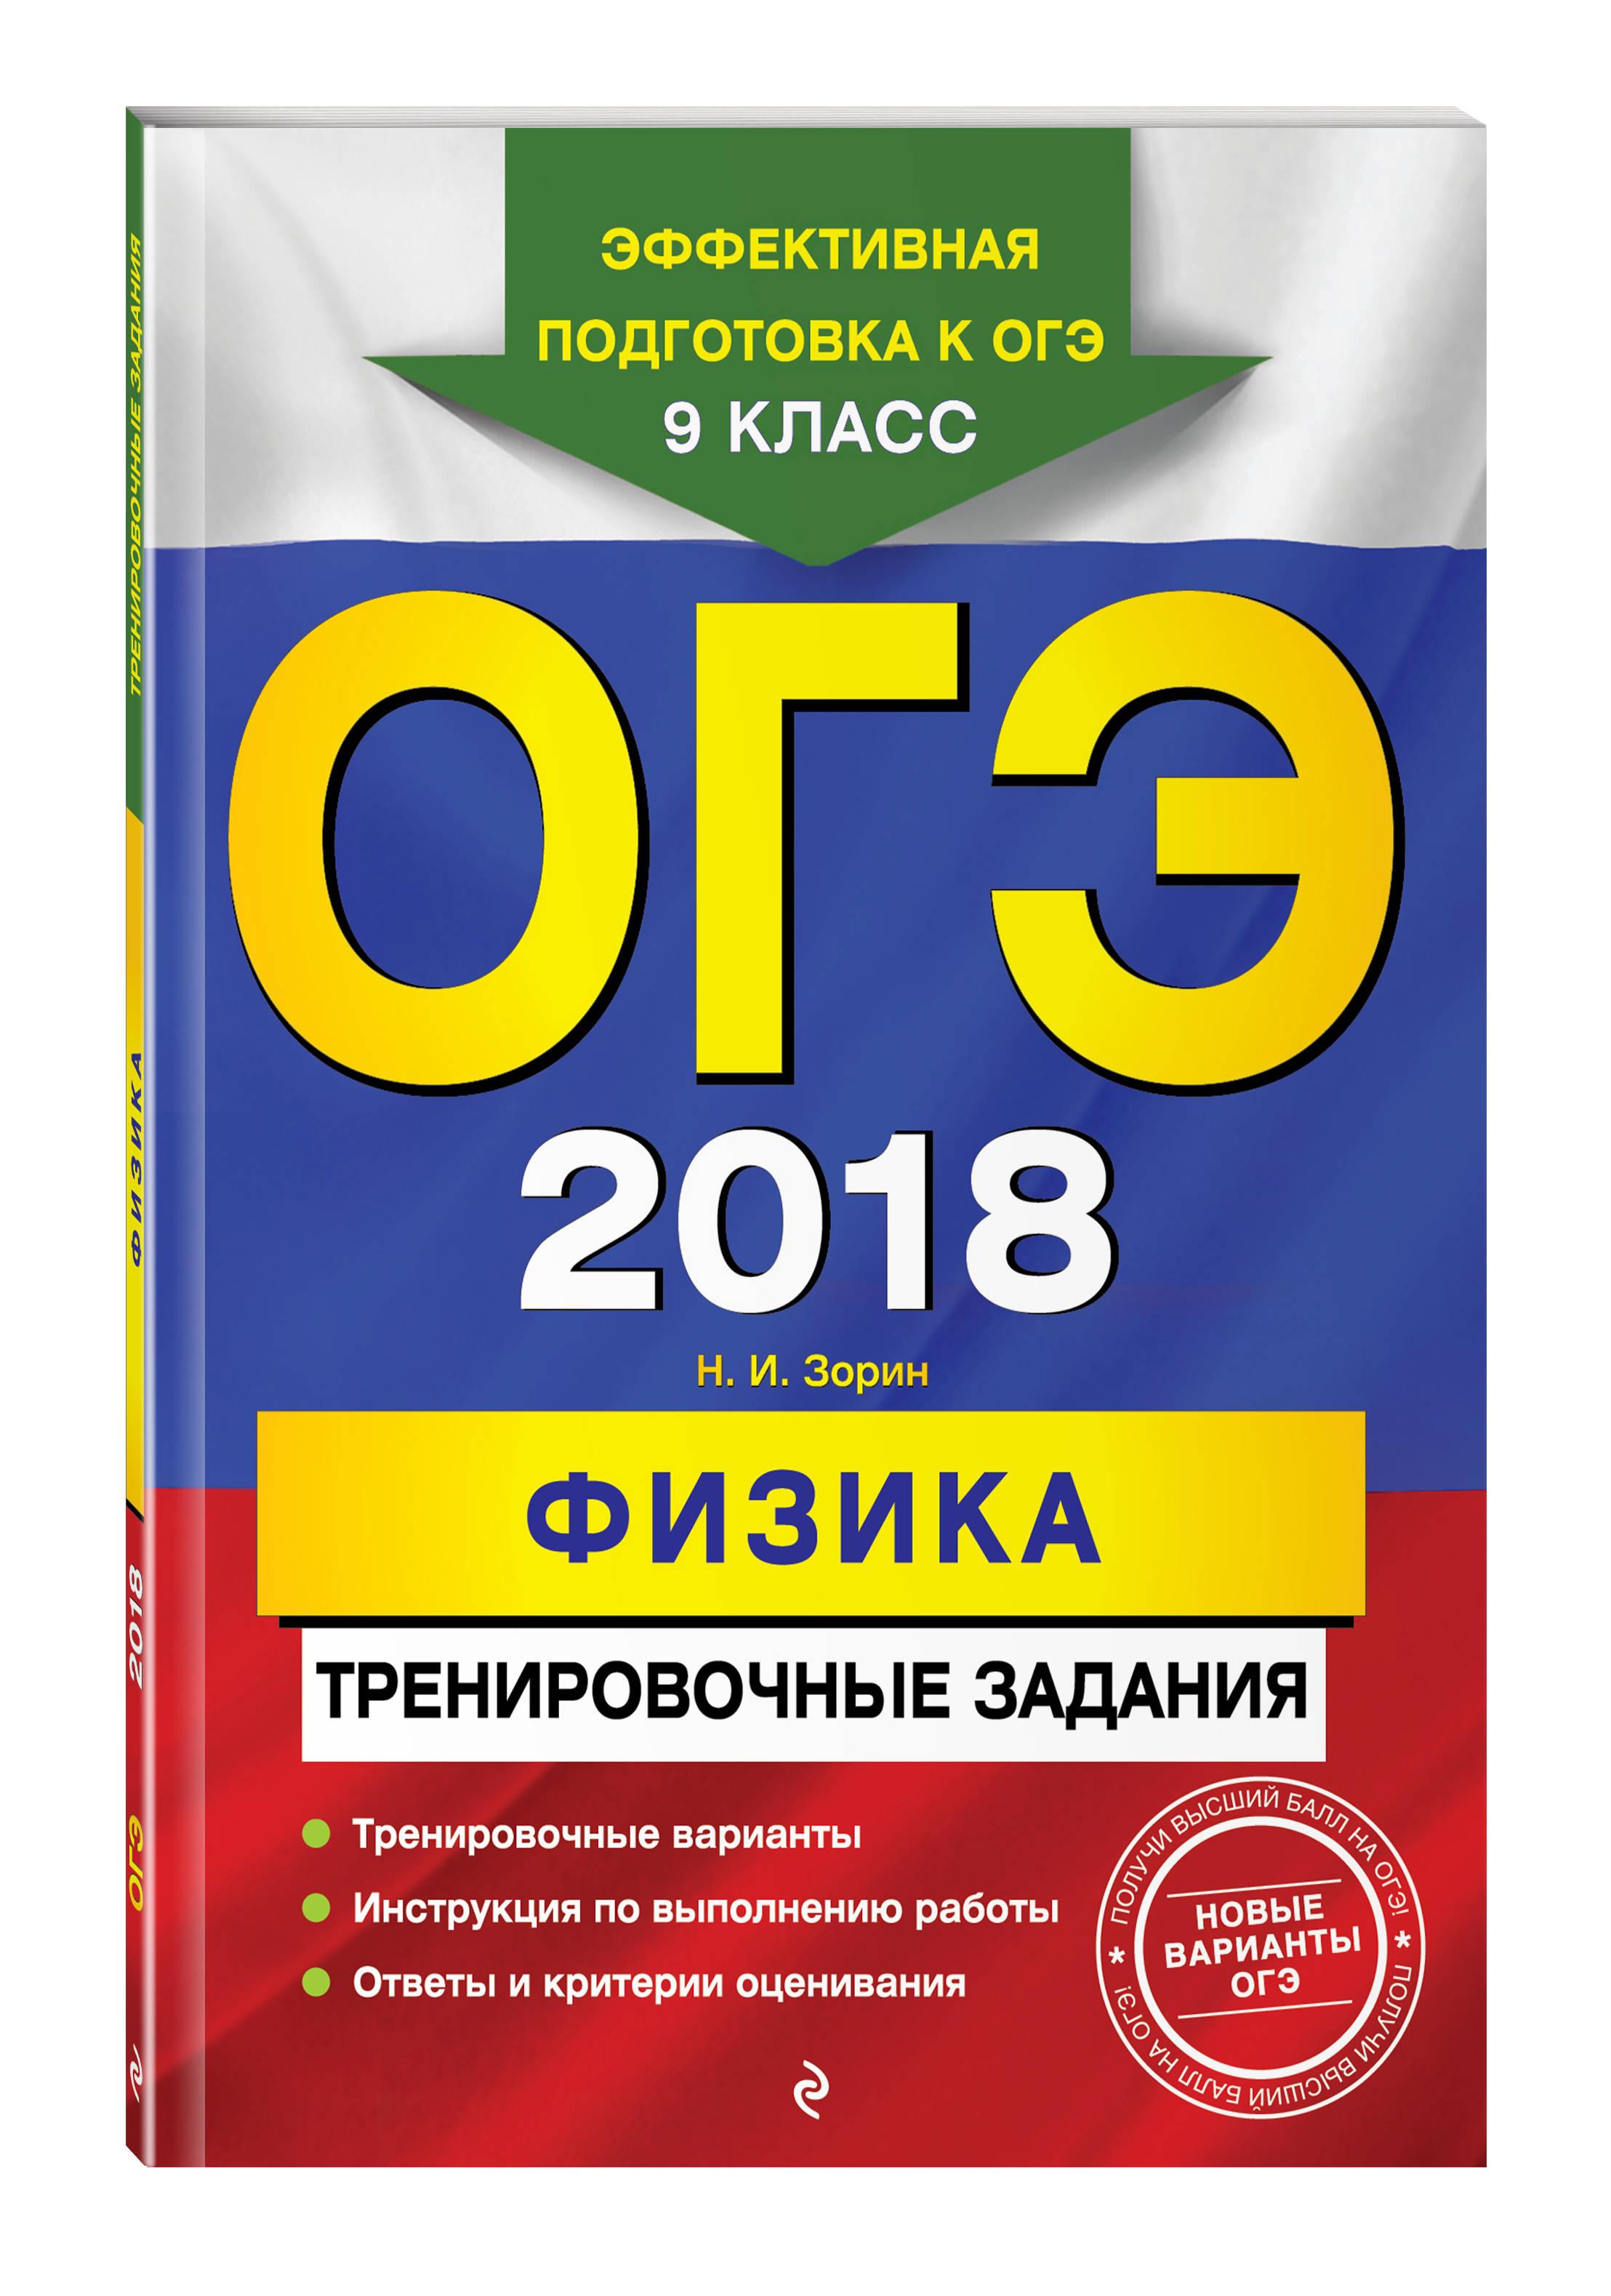 Зорин Н.И. ОГЭ-2018. Физика: тренировочные задания